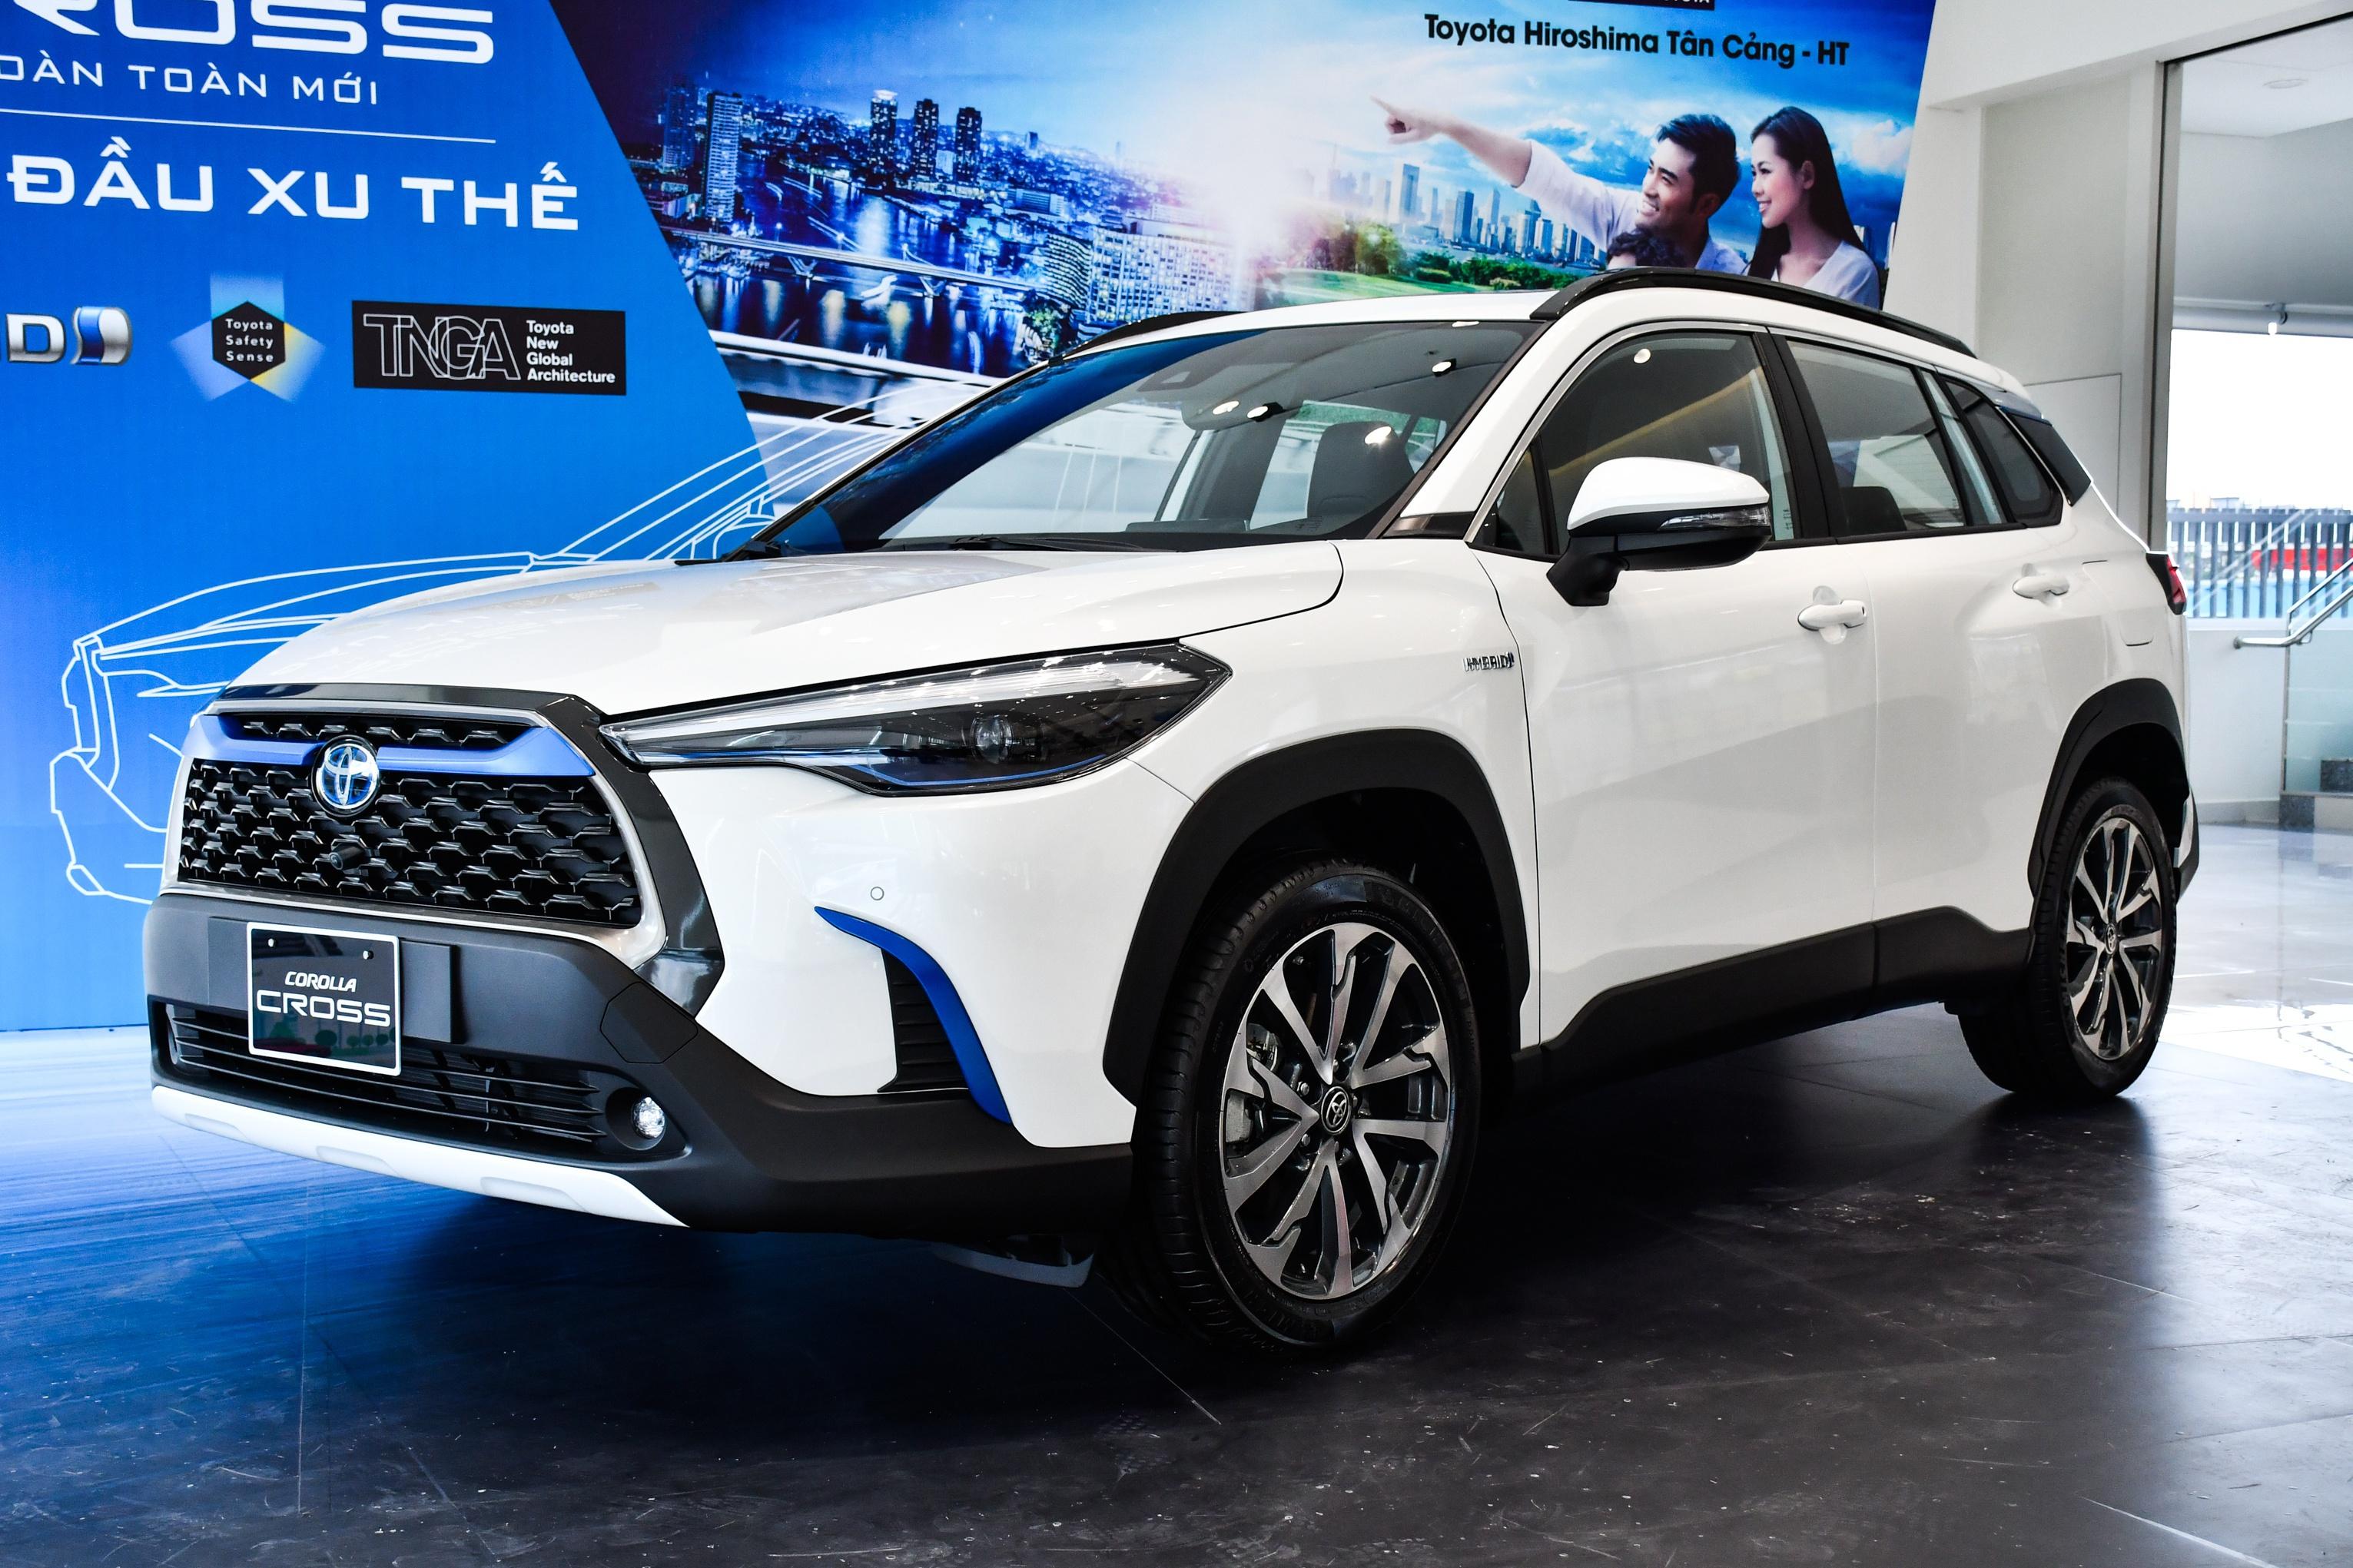 Đánh giá chi tiết xe Toyota Cross